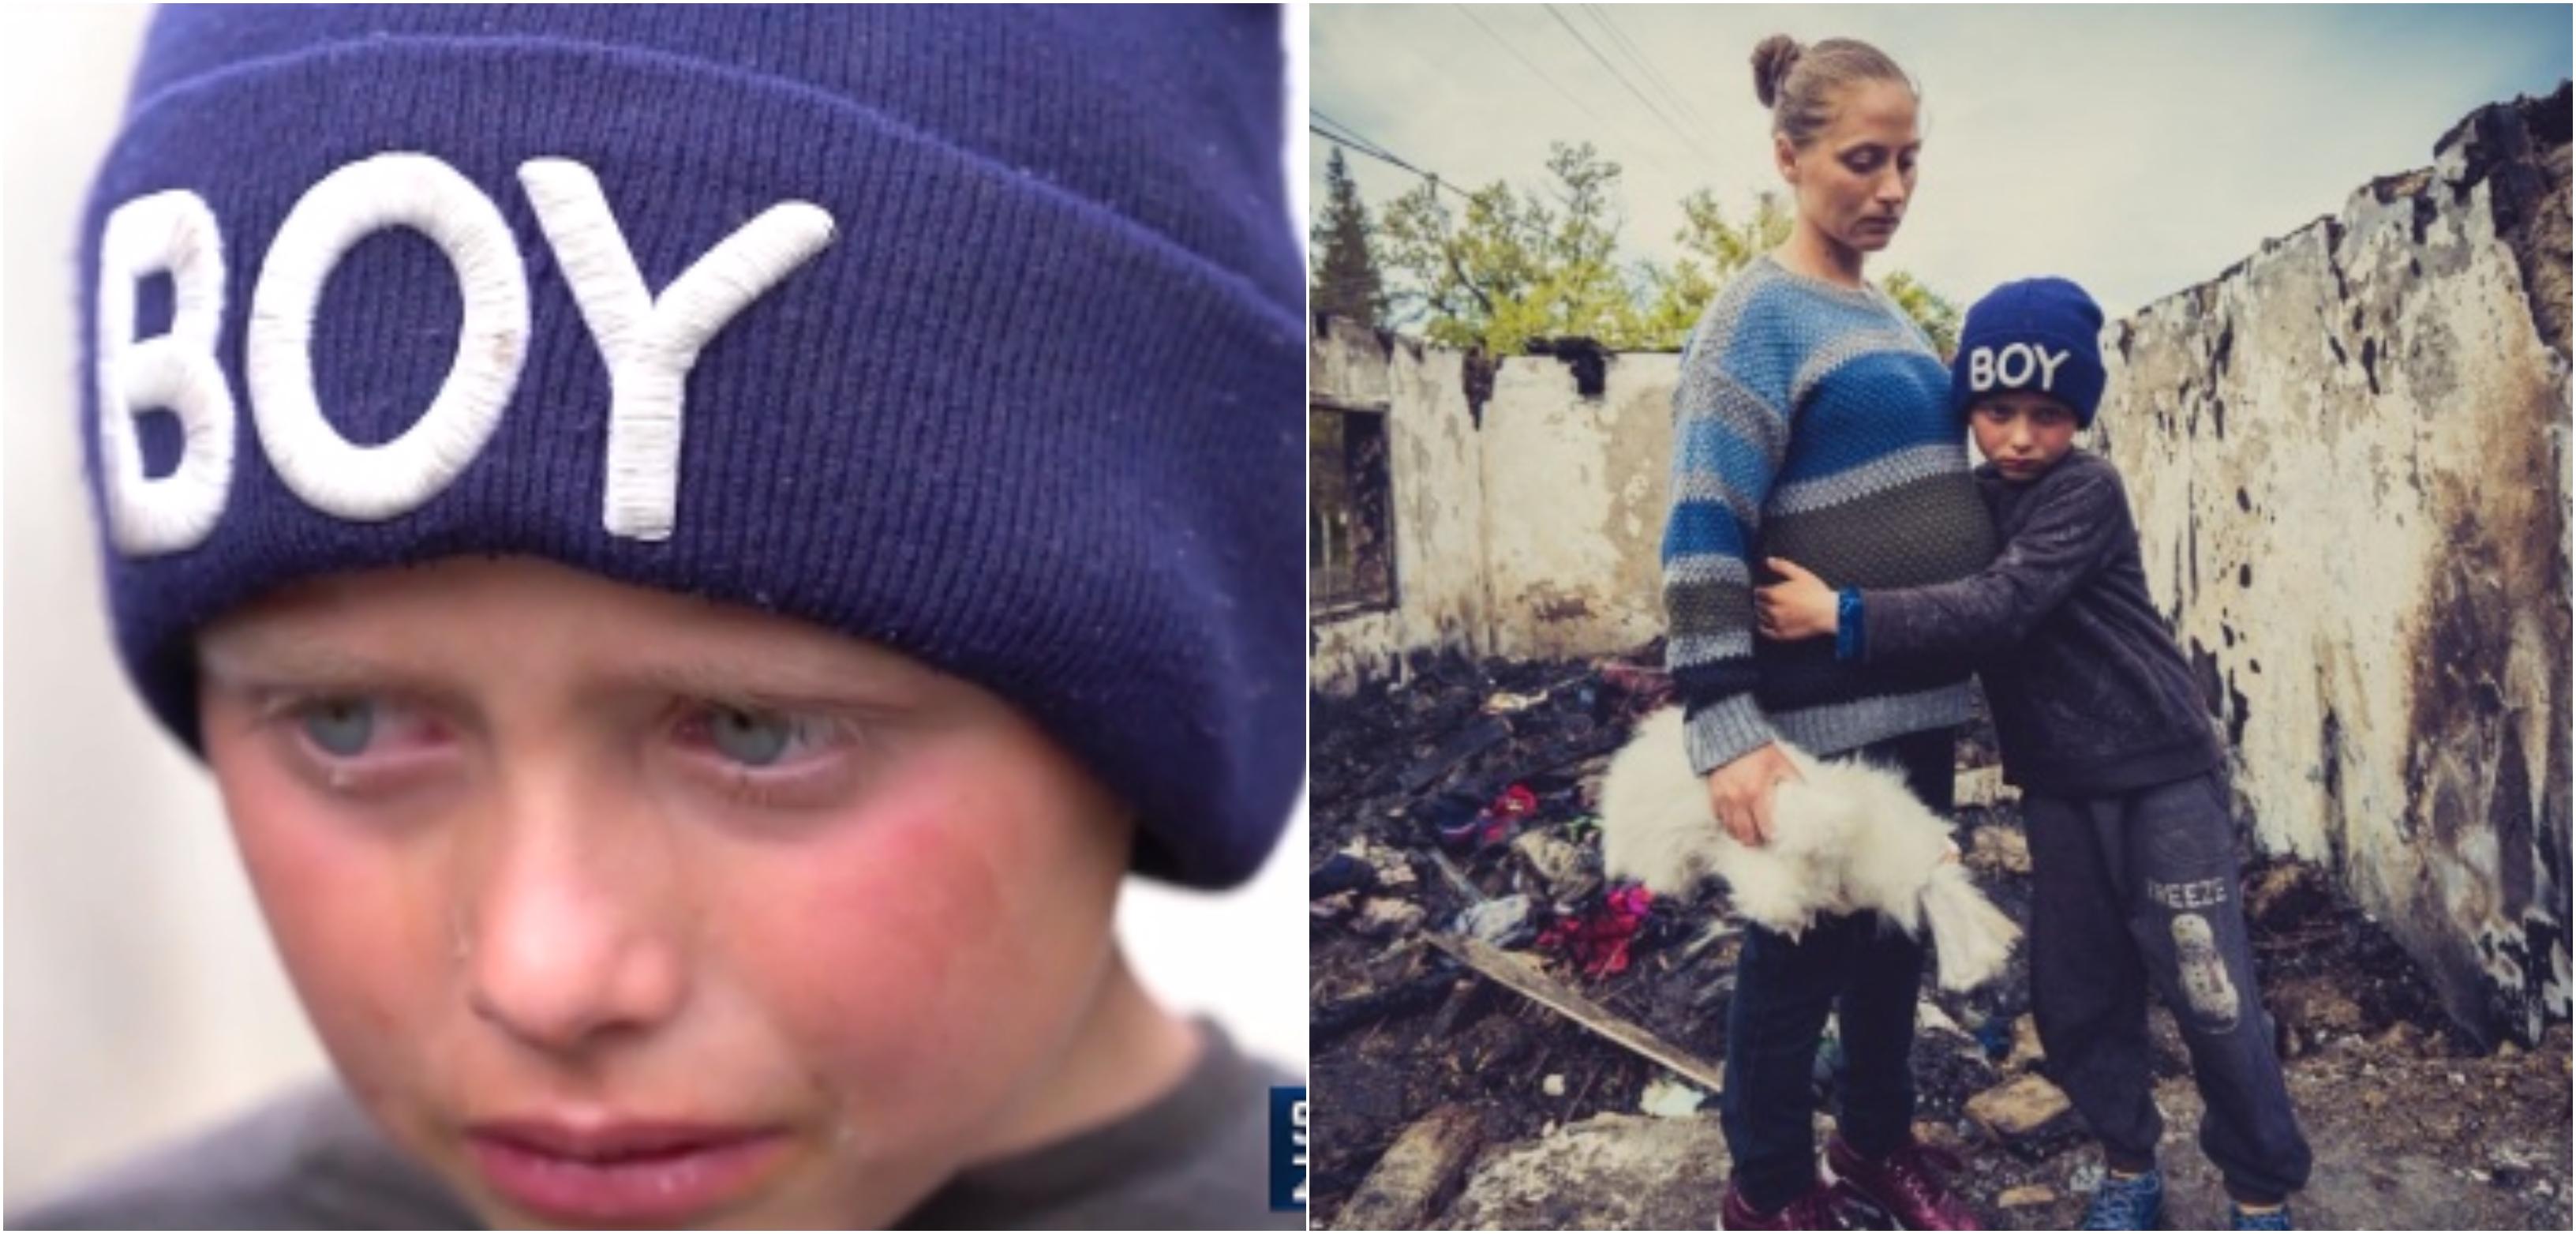 Tristețea băiețelului din Botoșani frânge inimi. El și mămica însărcinată au rămas pe drumuri după ce un incendiu le-a distrus casa VIDEO | Demamici.ro